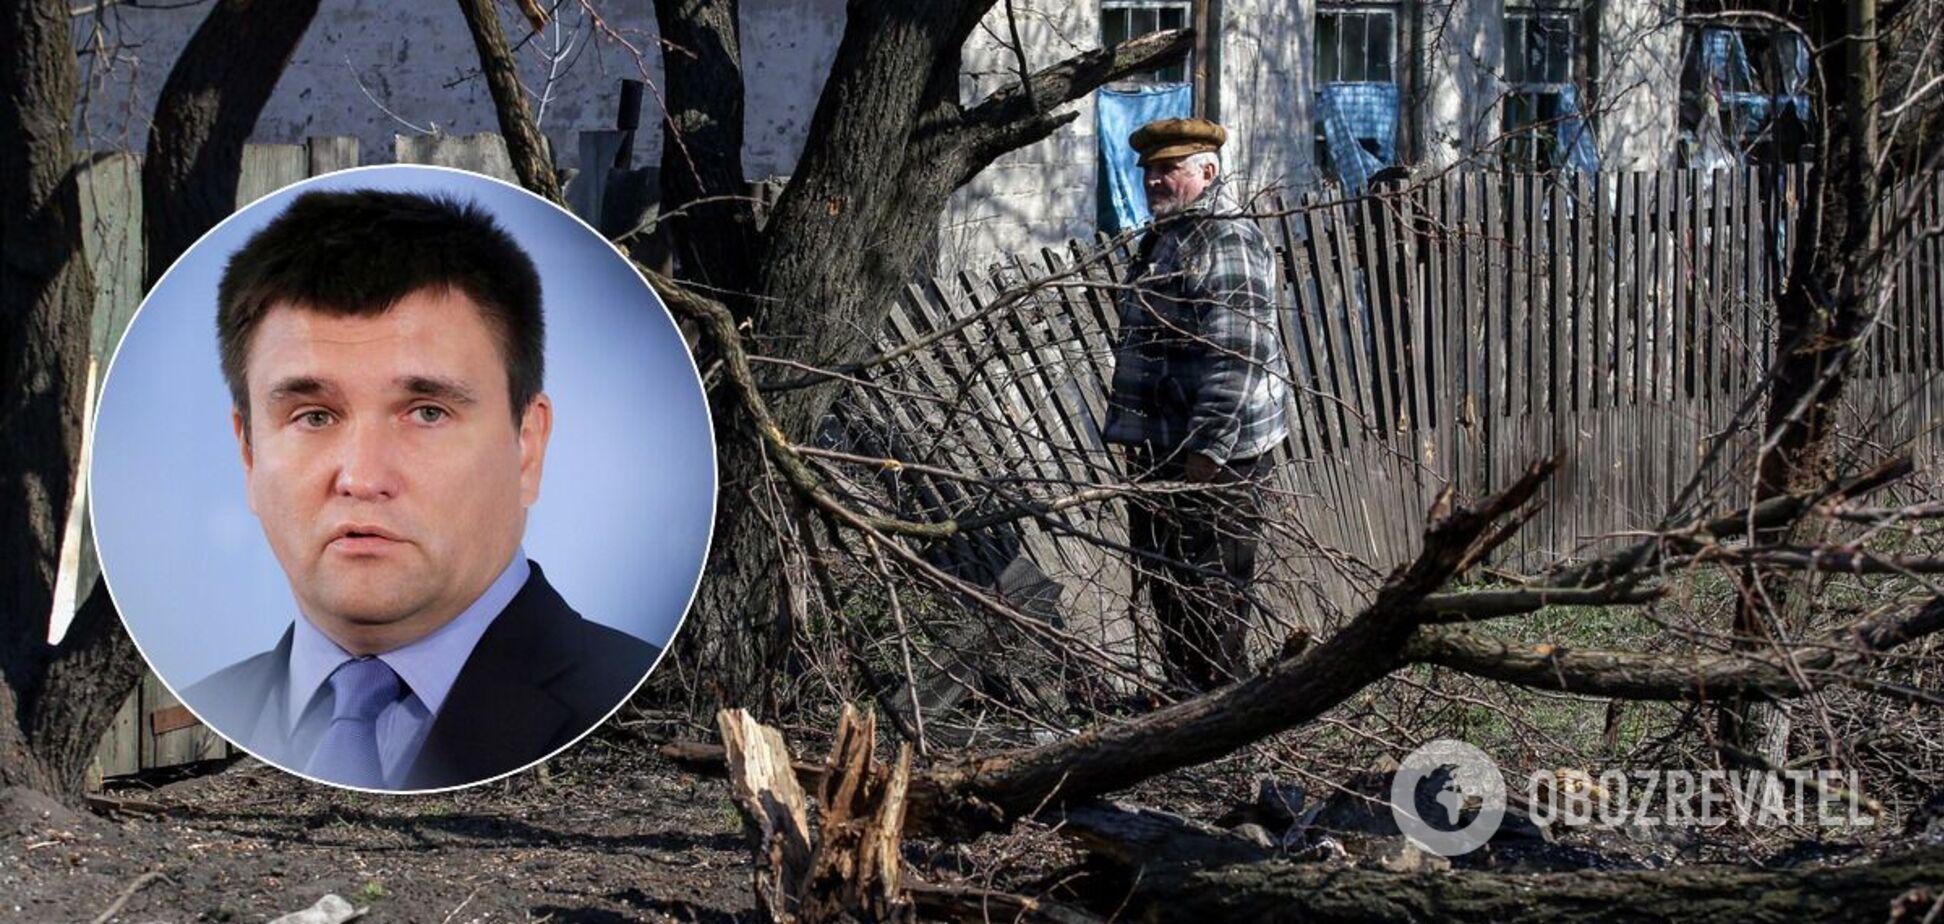 Климкин сказал, как вернуть под контроль границу на Донбассе